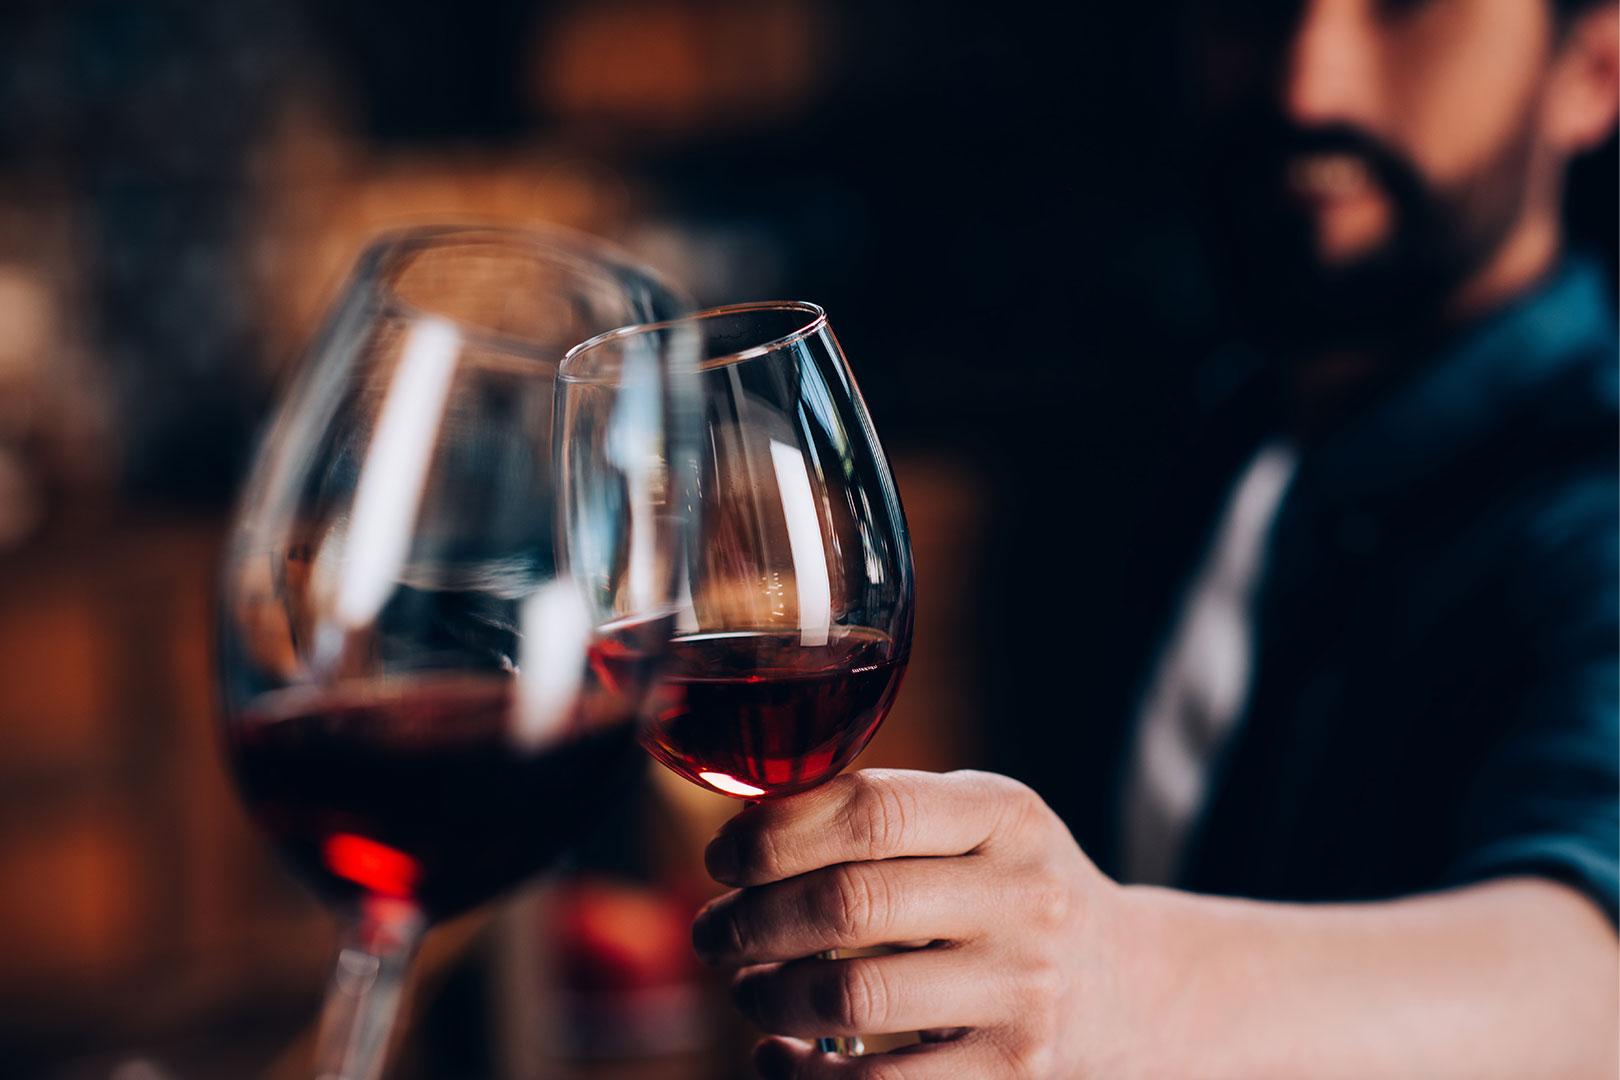 Sassicaia – der Wein mit goldenem Stern auf kobaltblauem Grund